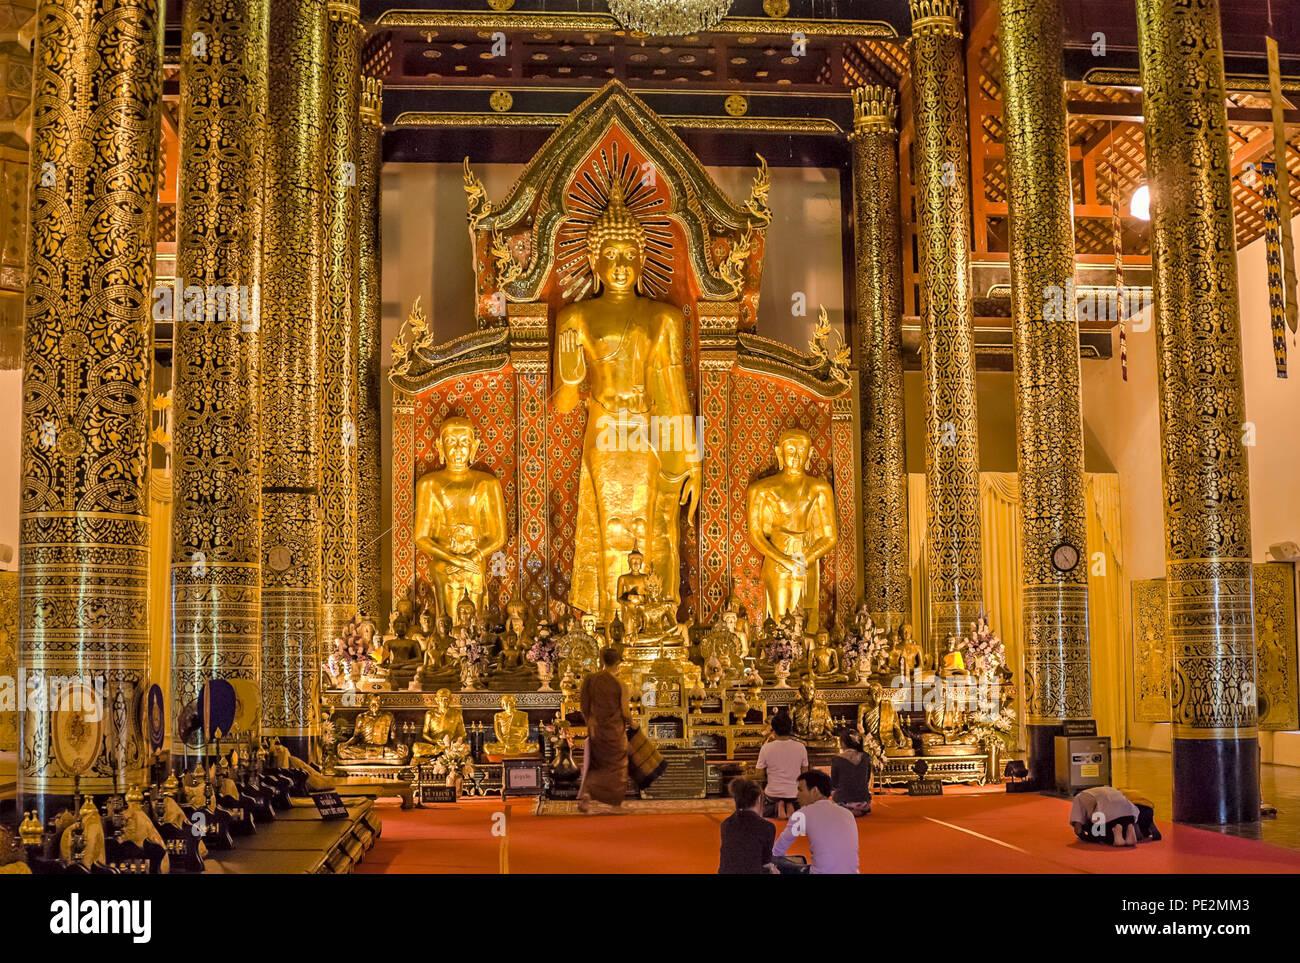 Golden Budda in Wat Chedi Luang, Chiang Mai, Thailandia del Nord | Goldener Buddha im Wat Chedi Luang, Chiang Mai, Nordthailand Immagini Stock